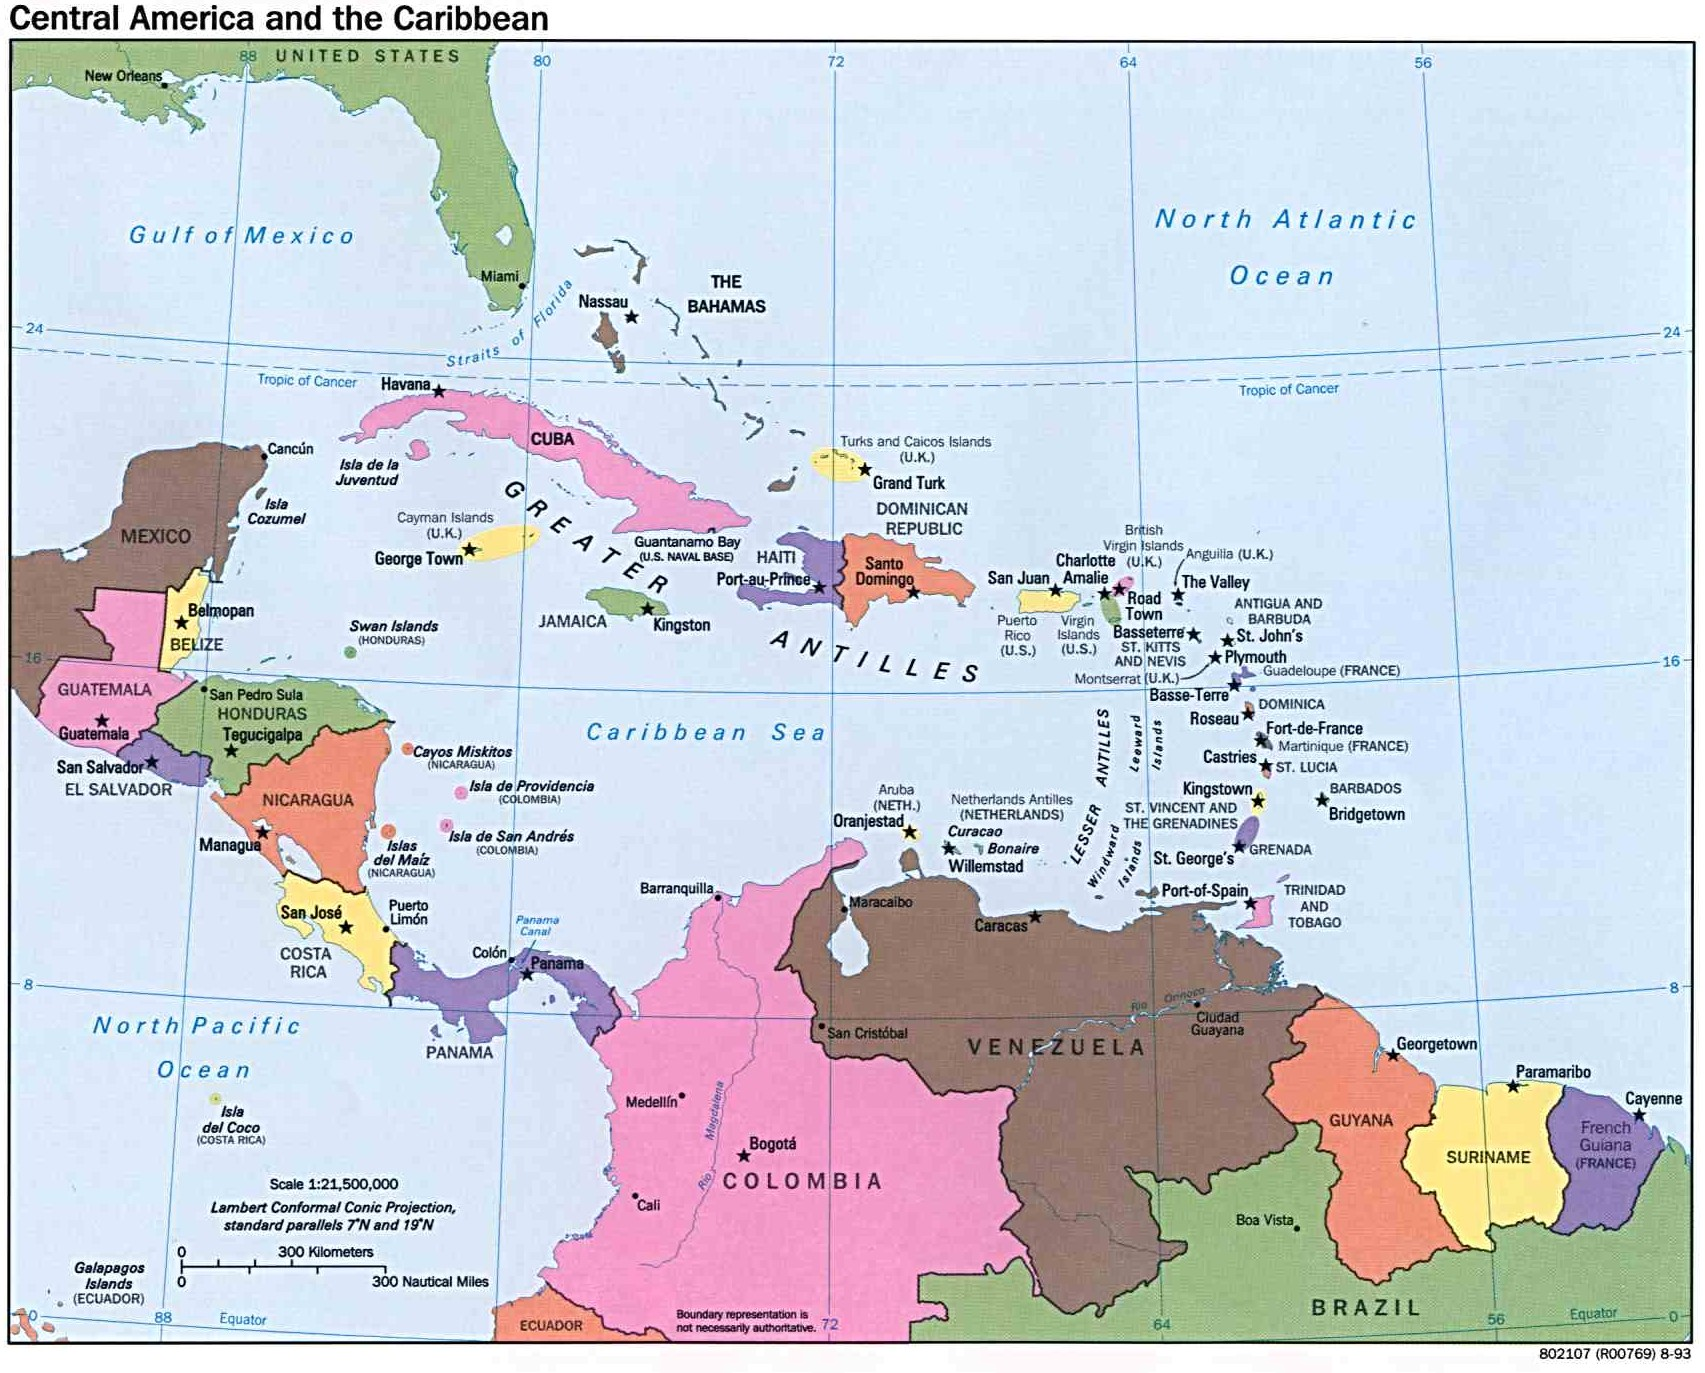 Mapa Politico De Centroamerica Y Caribe